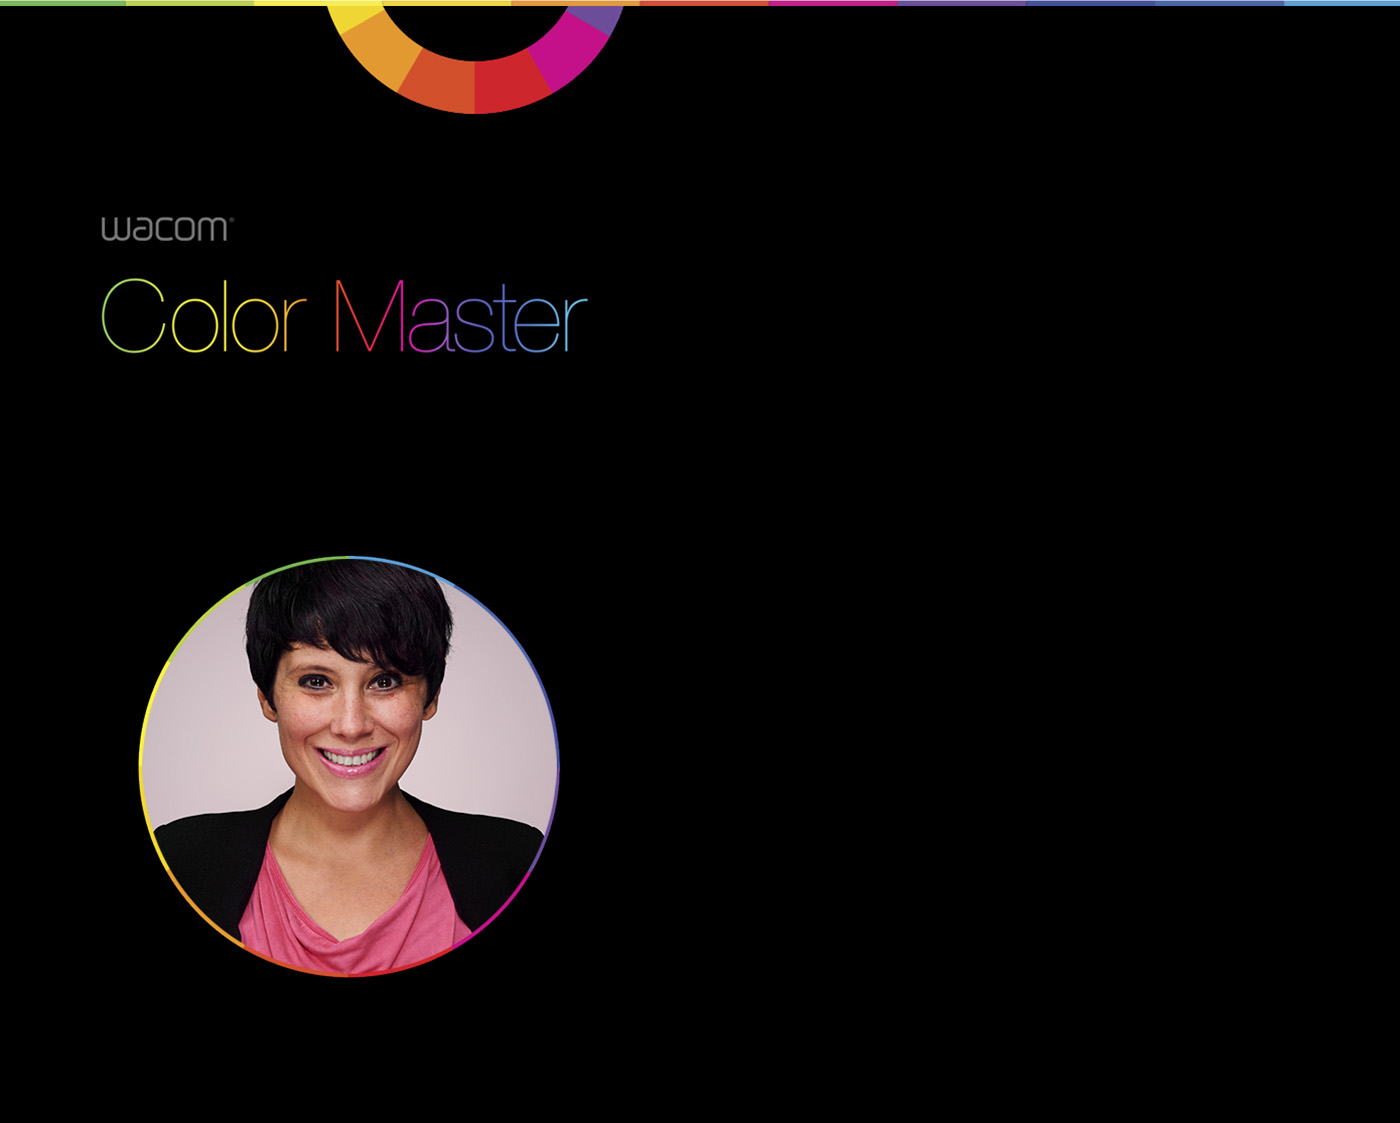 Cintiq27QHD Wacom Color Master Natalia Taffarel